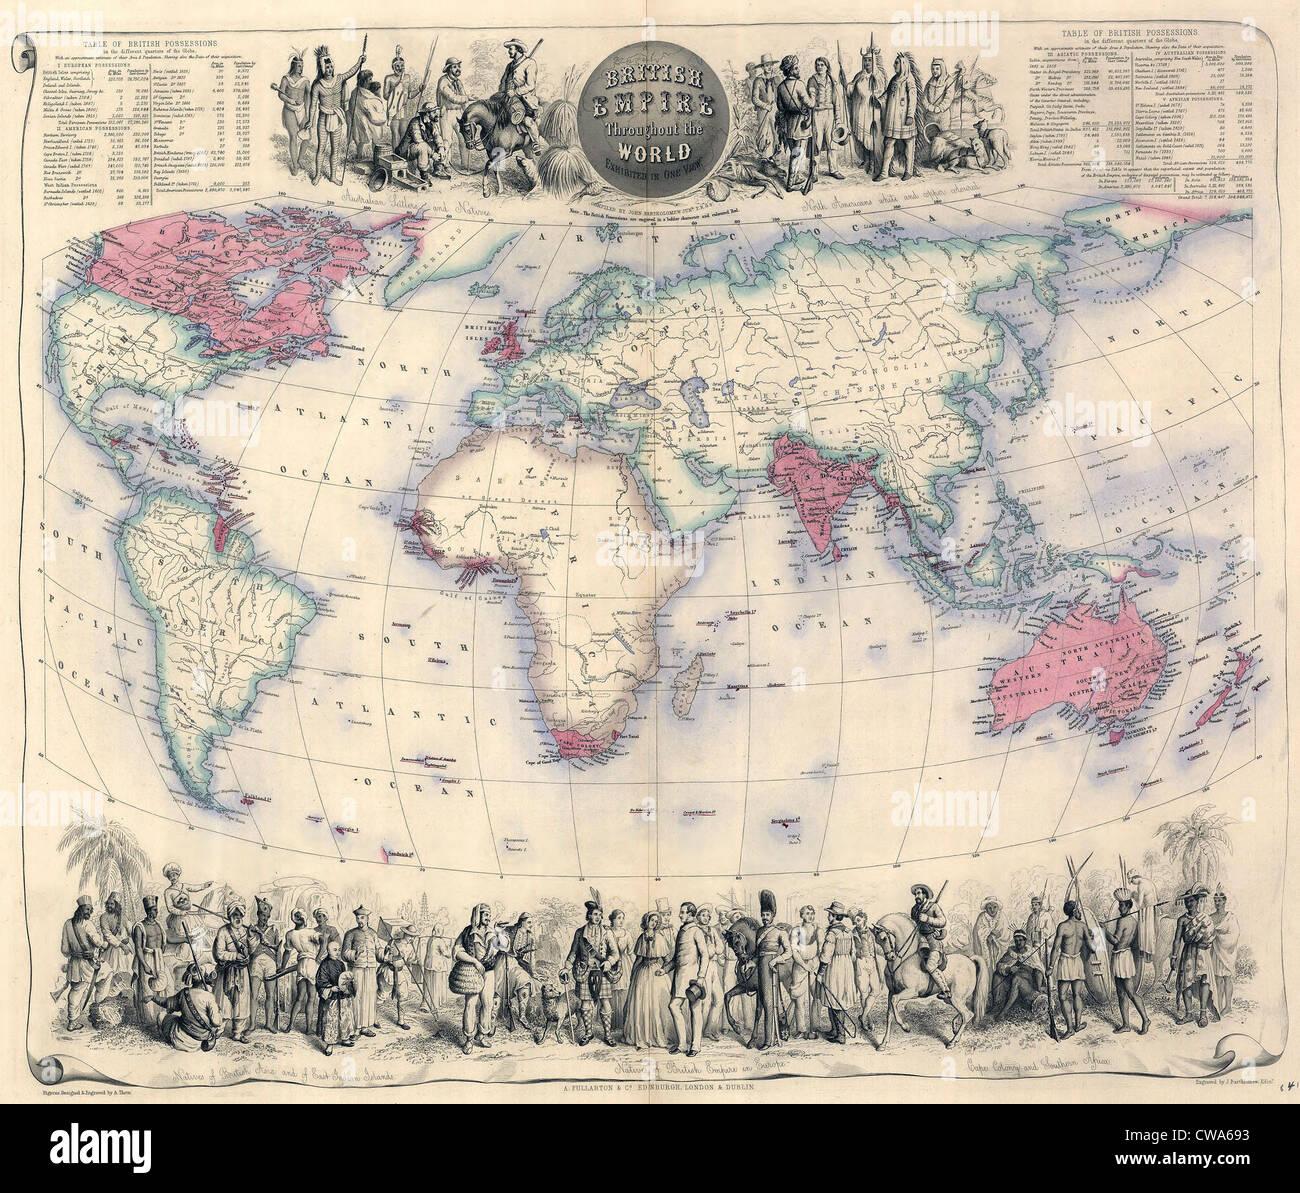 1850 mappa dell'Impero Britannico in tutto il mondo, con illustrazioni dell'abitante dell'Impero. Entro Immagini Stock